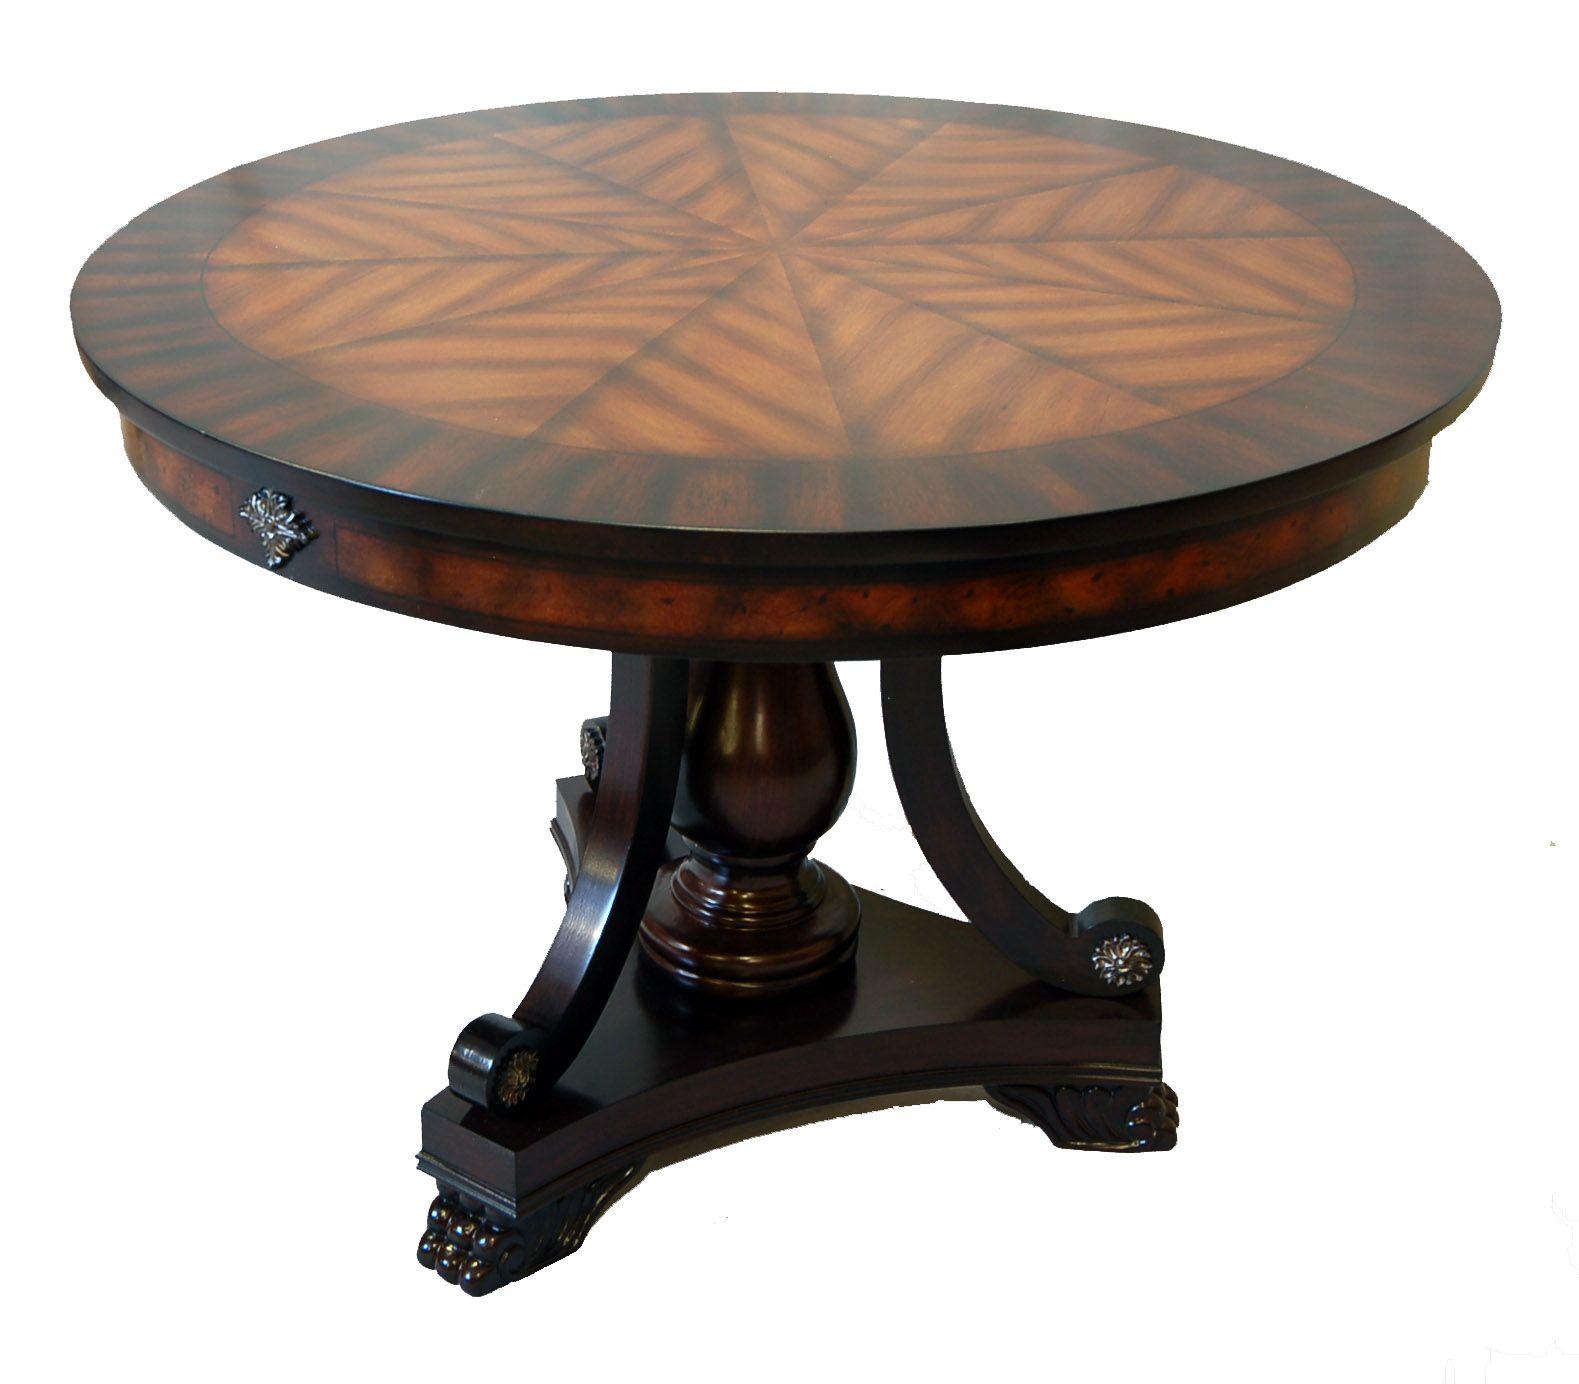 Foyer Round Table Bobreuterstl Com ronde eettafels Pinterest